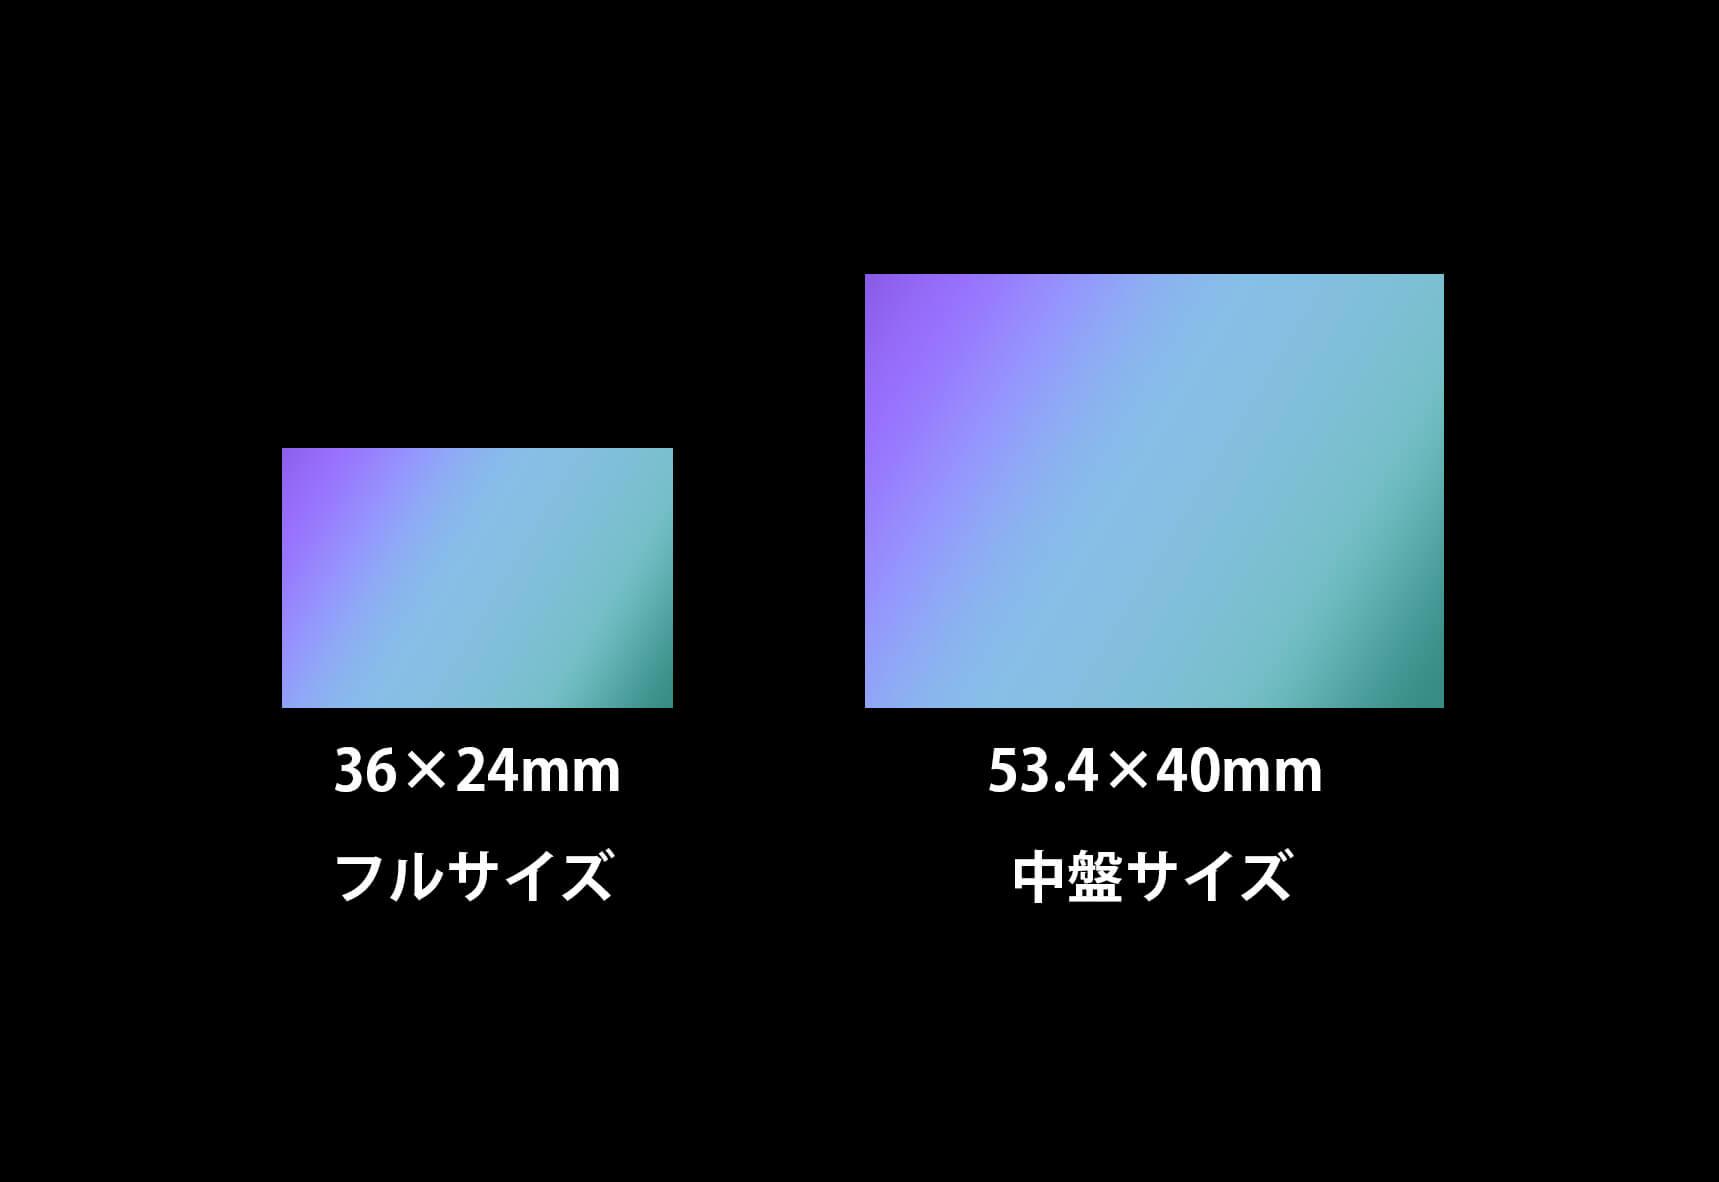 イメージセンサーにはフルサイズの更に上、プロ仕様の中盤サイズが存在する。